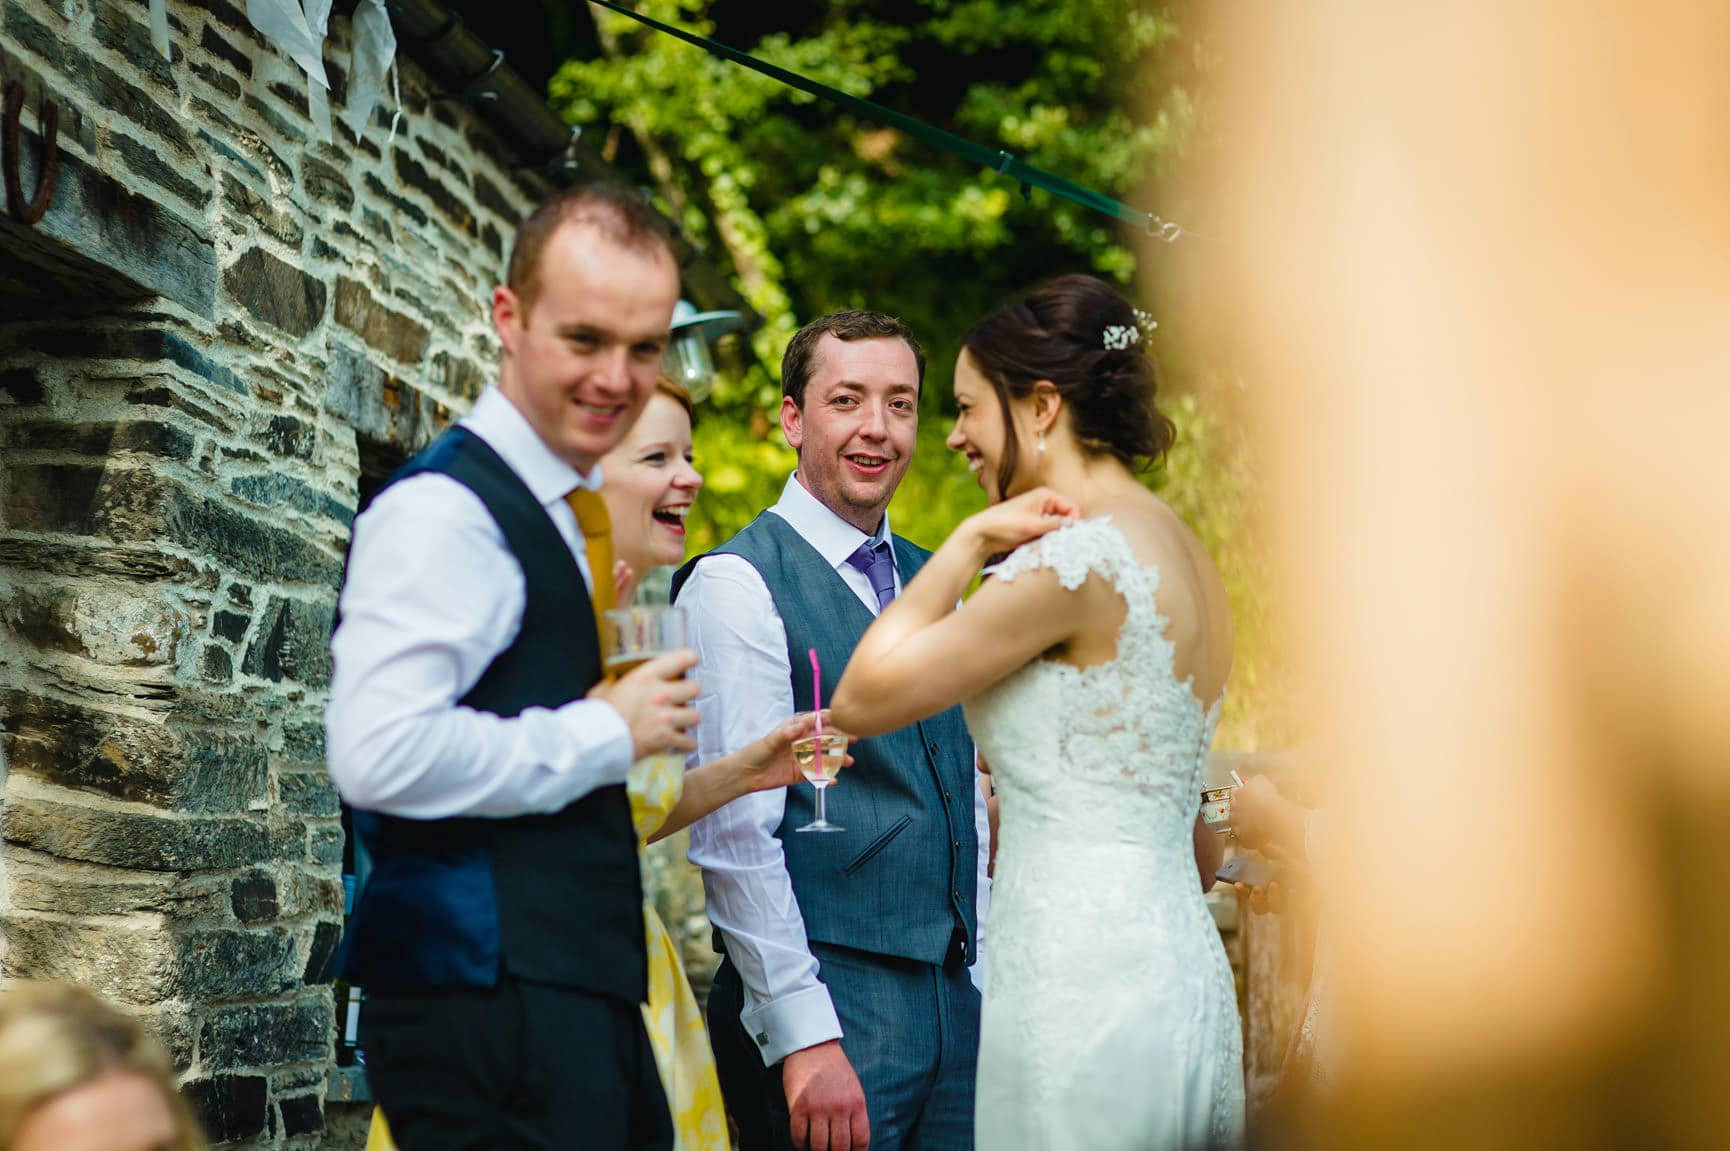 Fforest Wedding, Cardigan, Wales - Lauren and Gareth 141